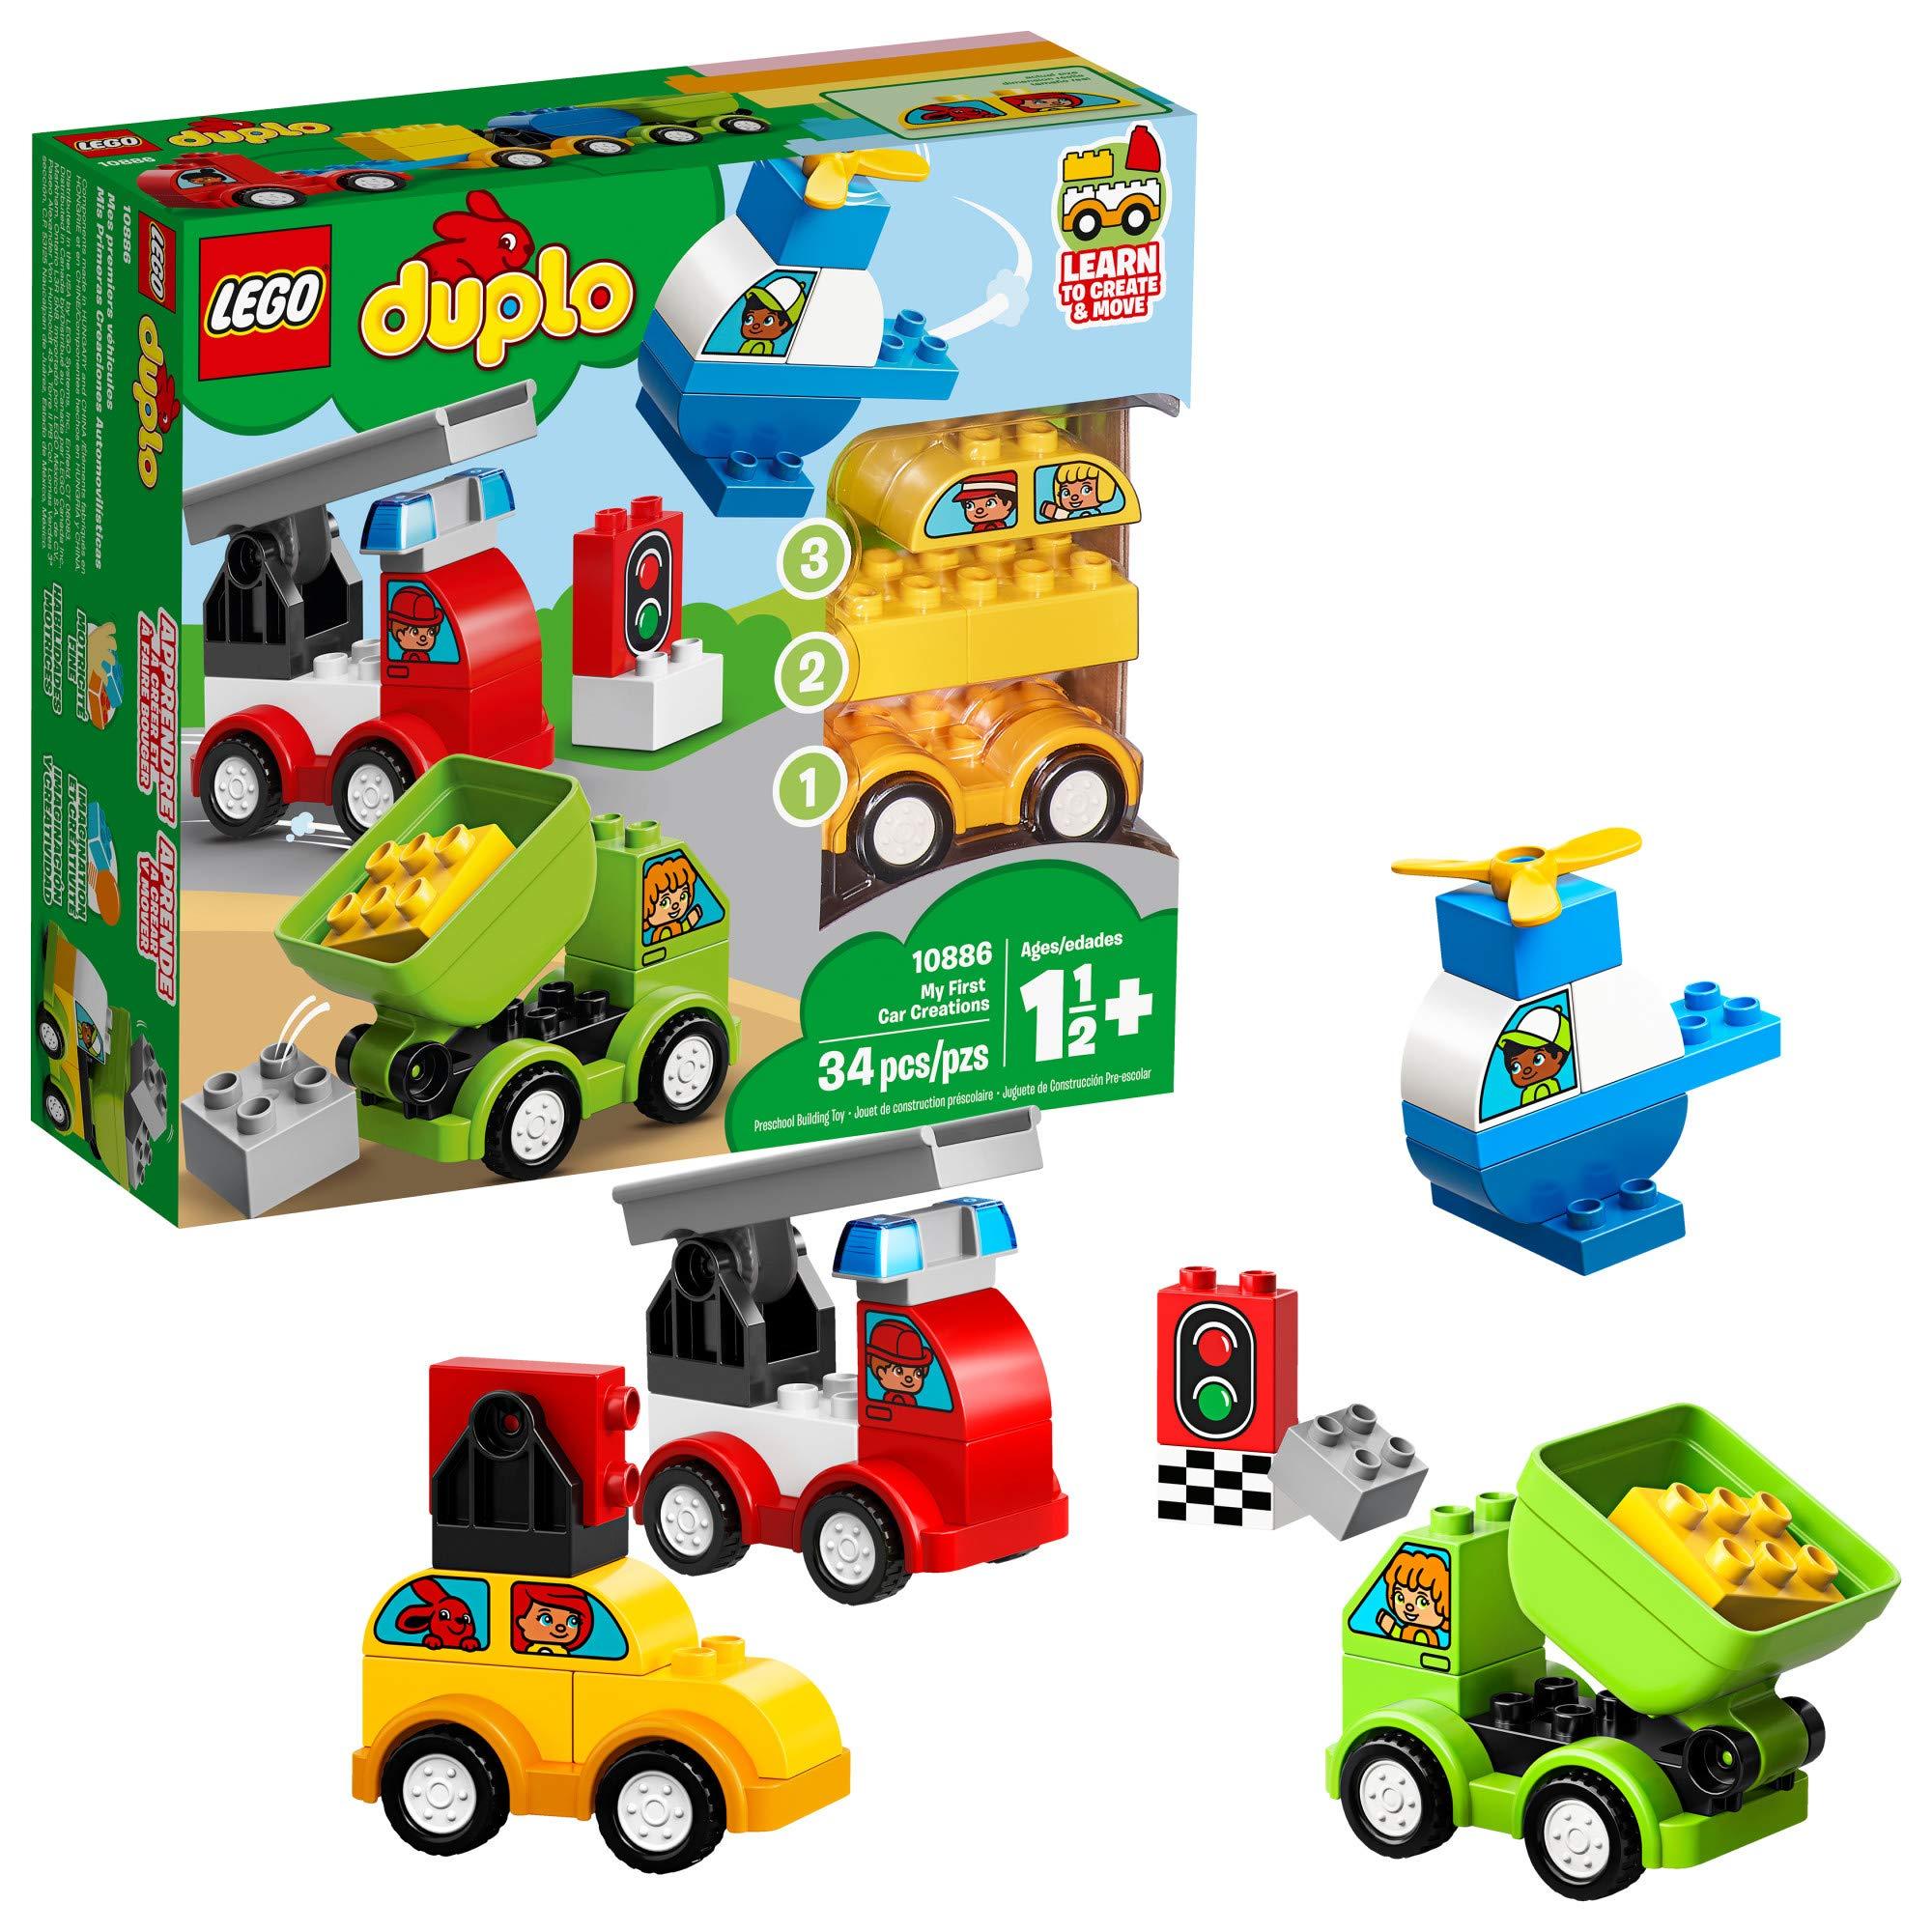 LEGO DUPLO MY FIRST CAR 10886